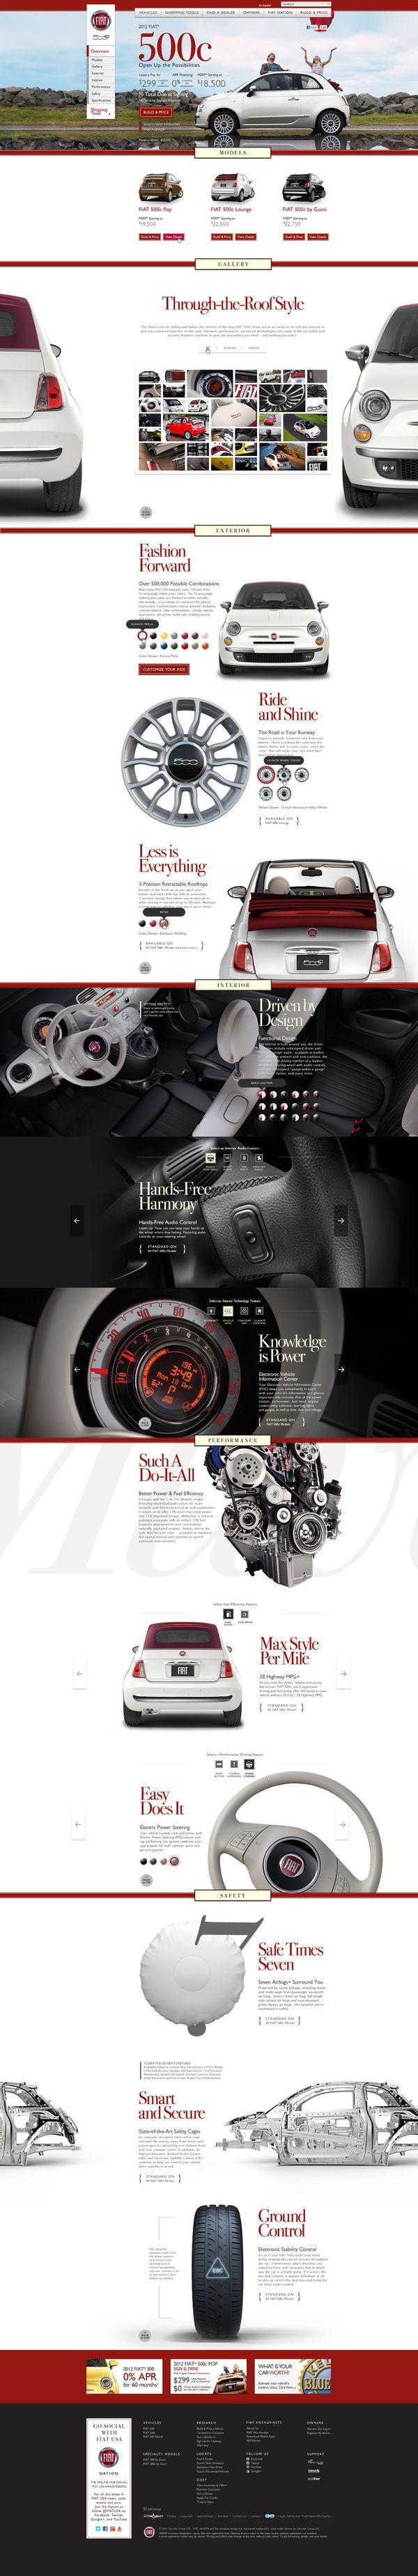 Fiatusa.com Website Design by Antonio Caballero, via Behance